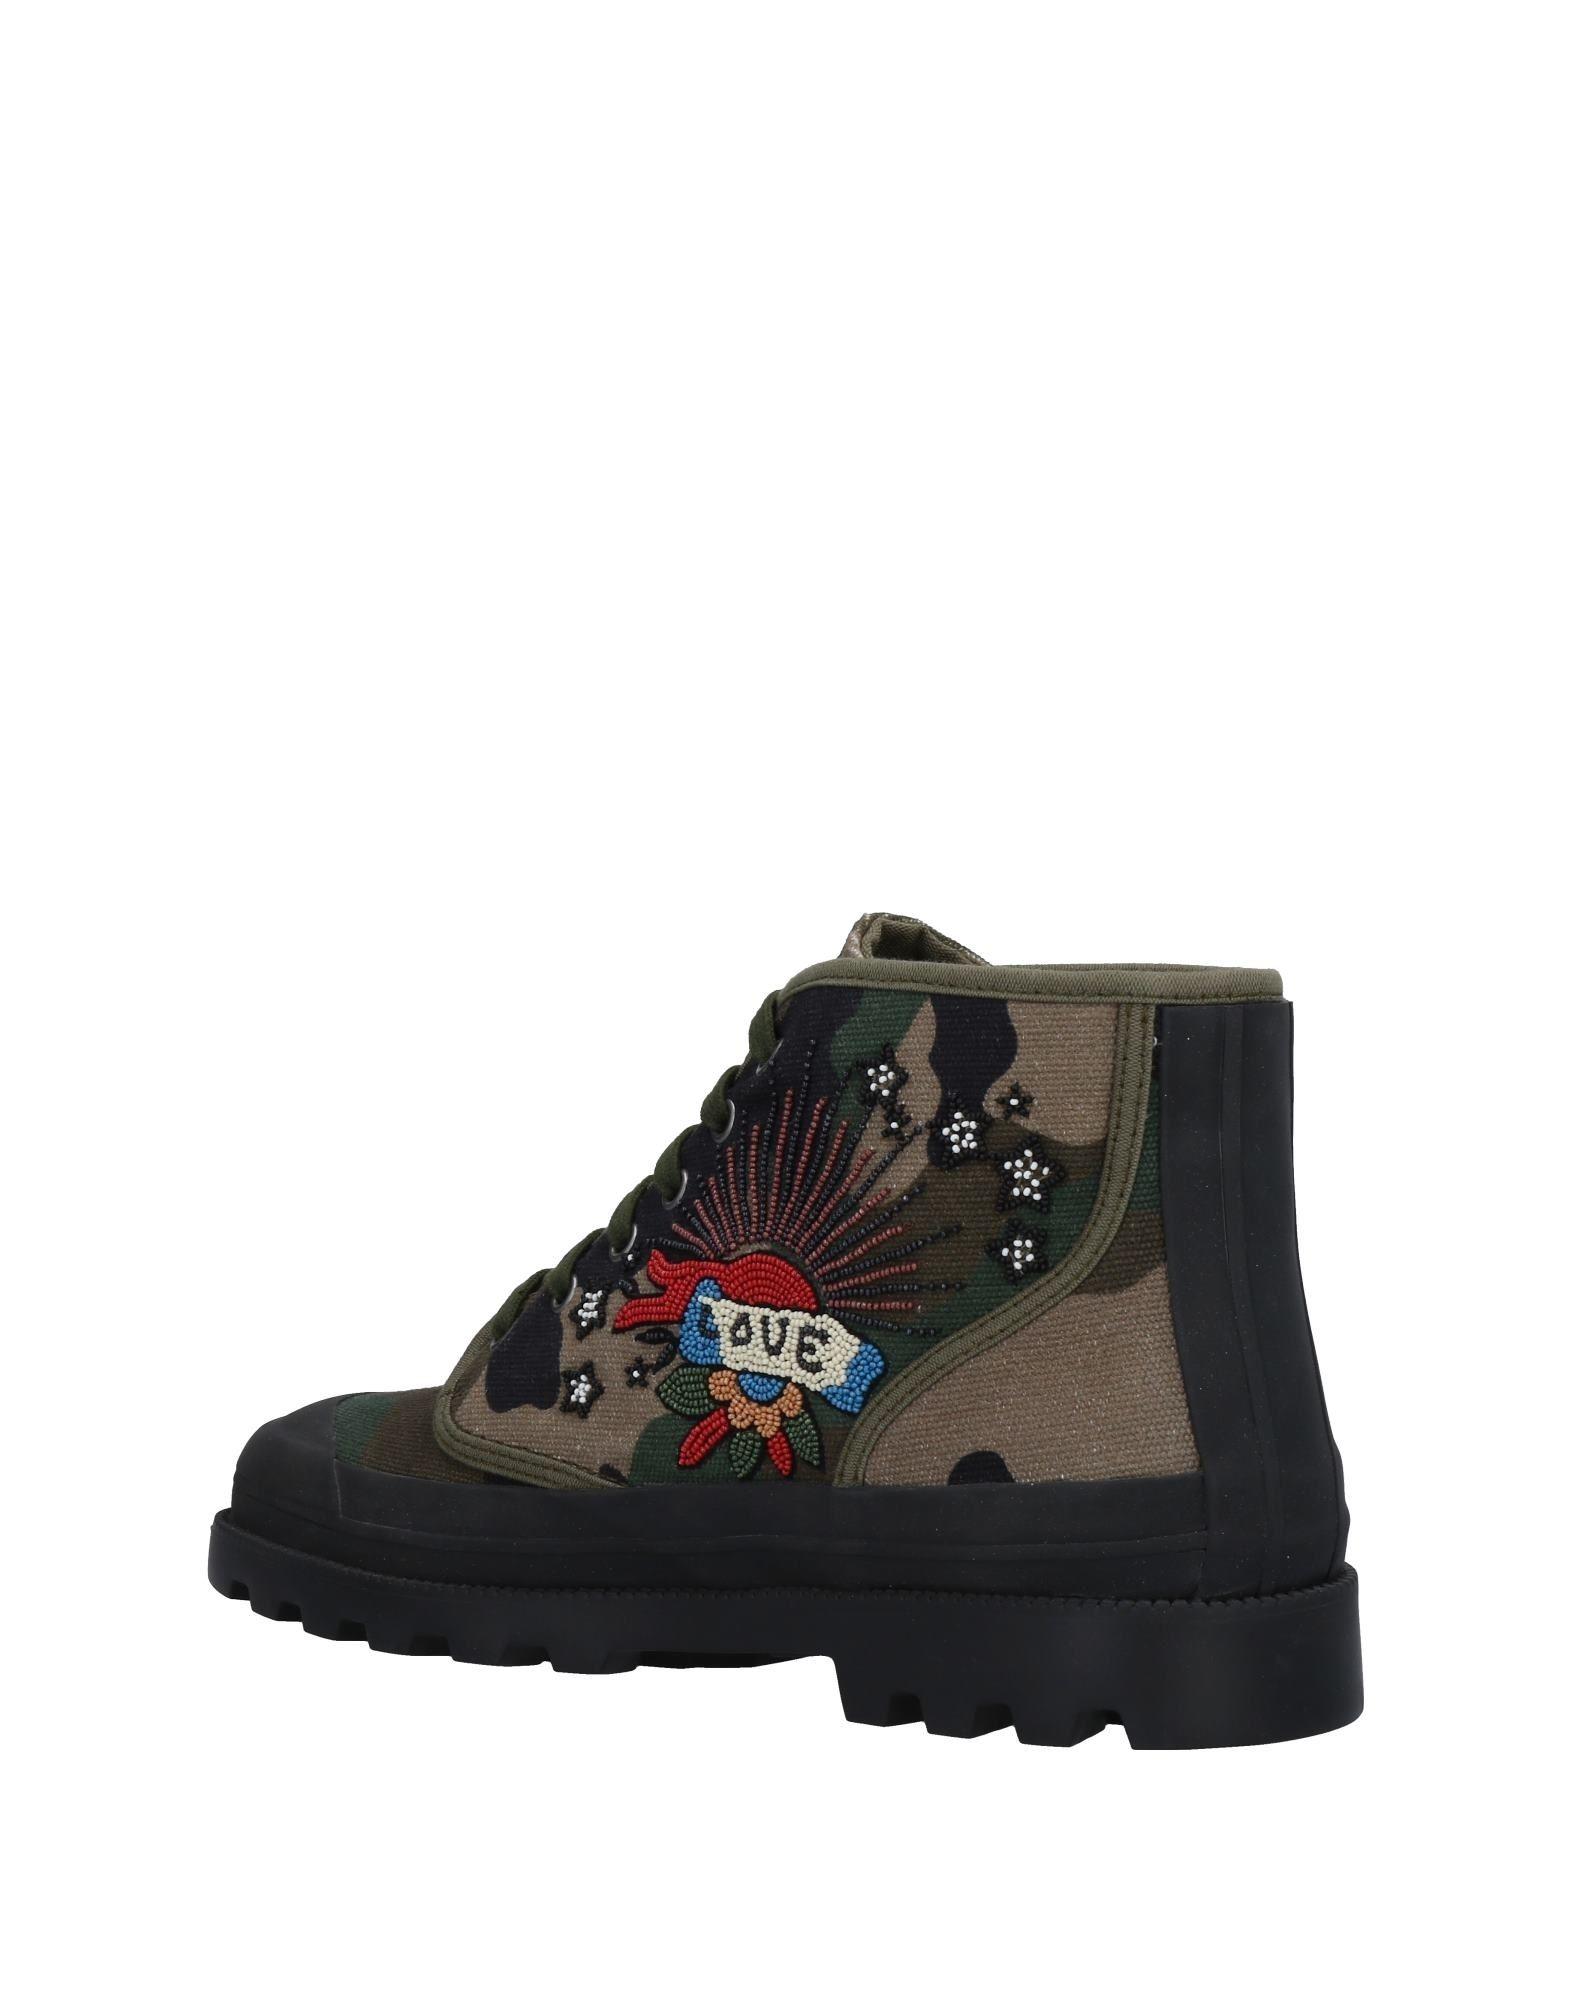 Valentino Garavani Garavani Valentino Sneakers Herren  11488875NM Gute Qualität beliebte Schuhe 4bc6d0